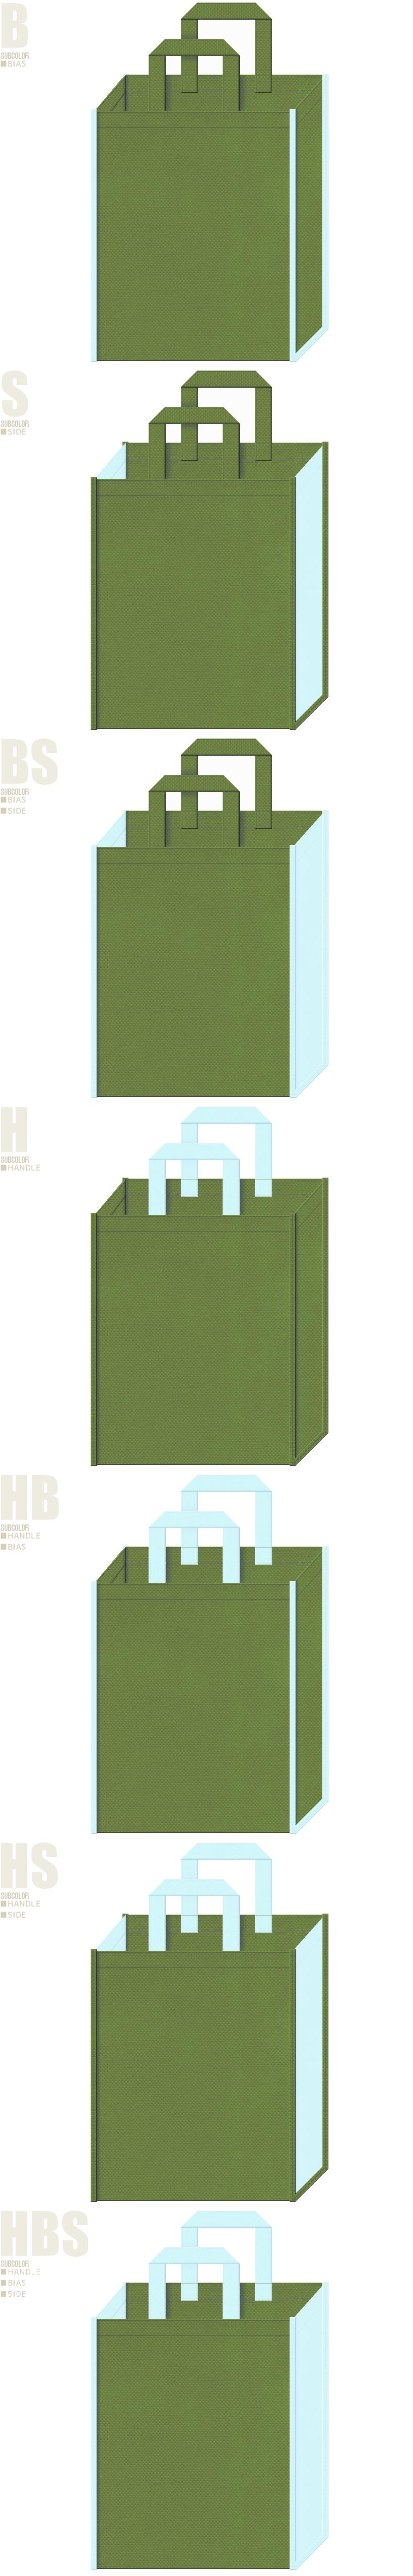 ビオトープ・和風庭園・造園用品の展示会用バッグにお奨めの不織布バッグデザイン:草色と水色の不織布バッグ配色7パターン。